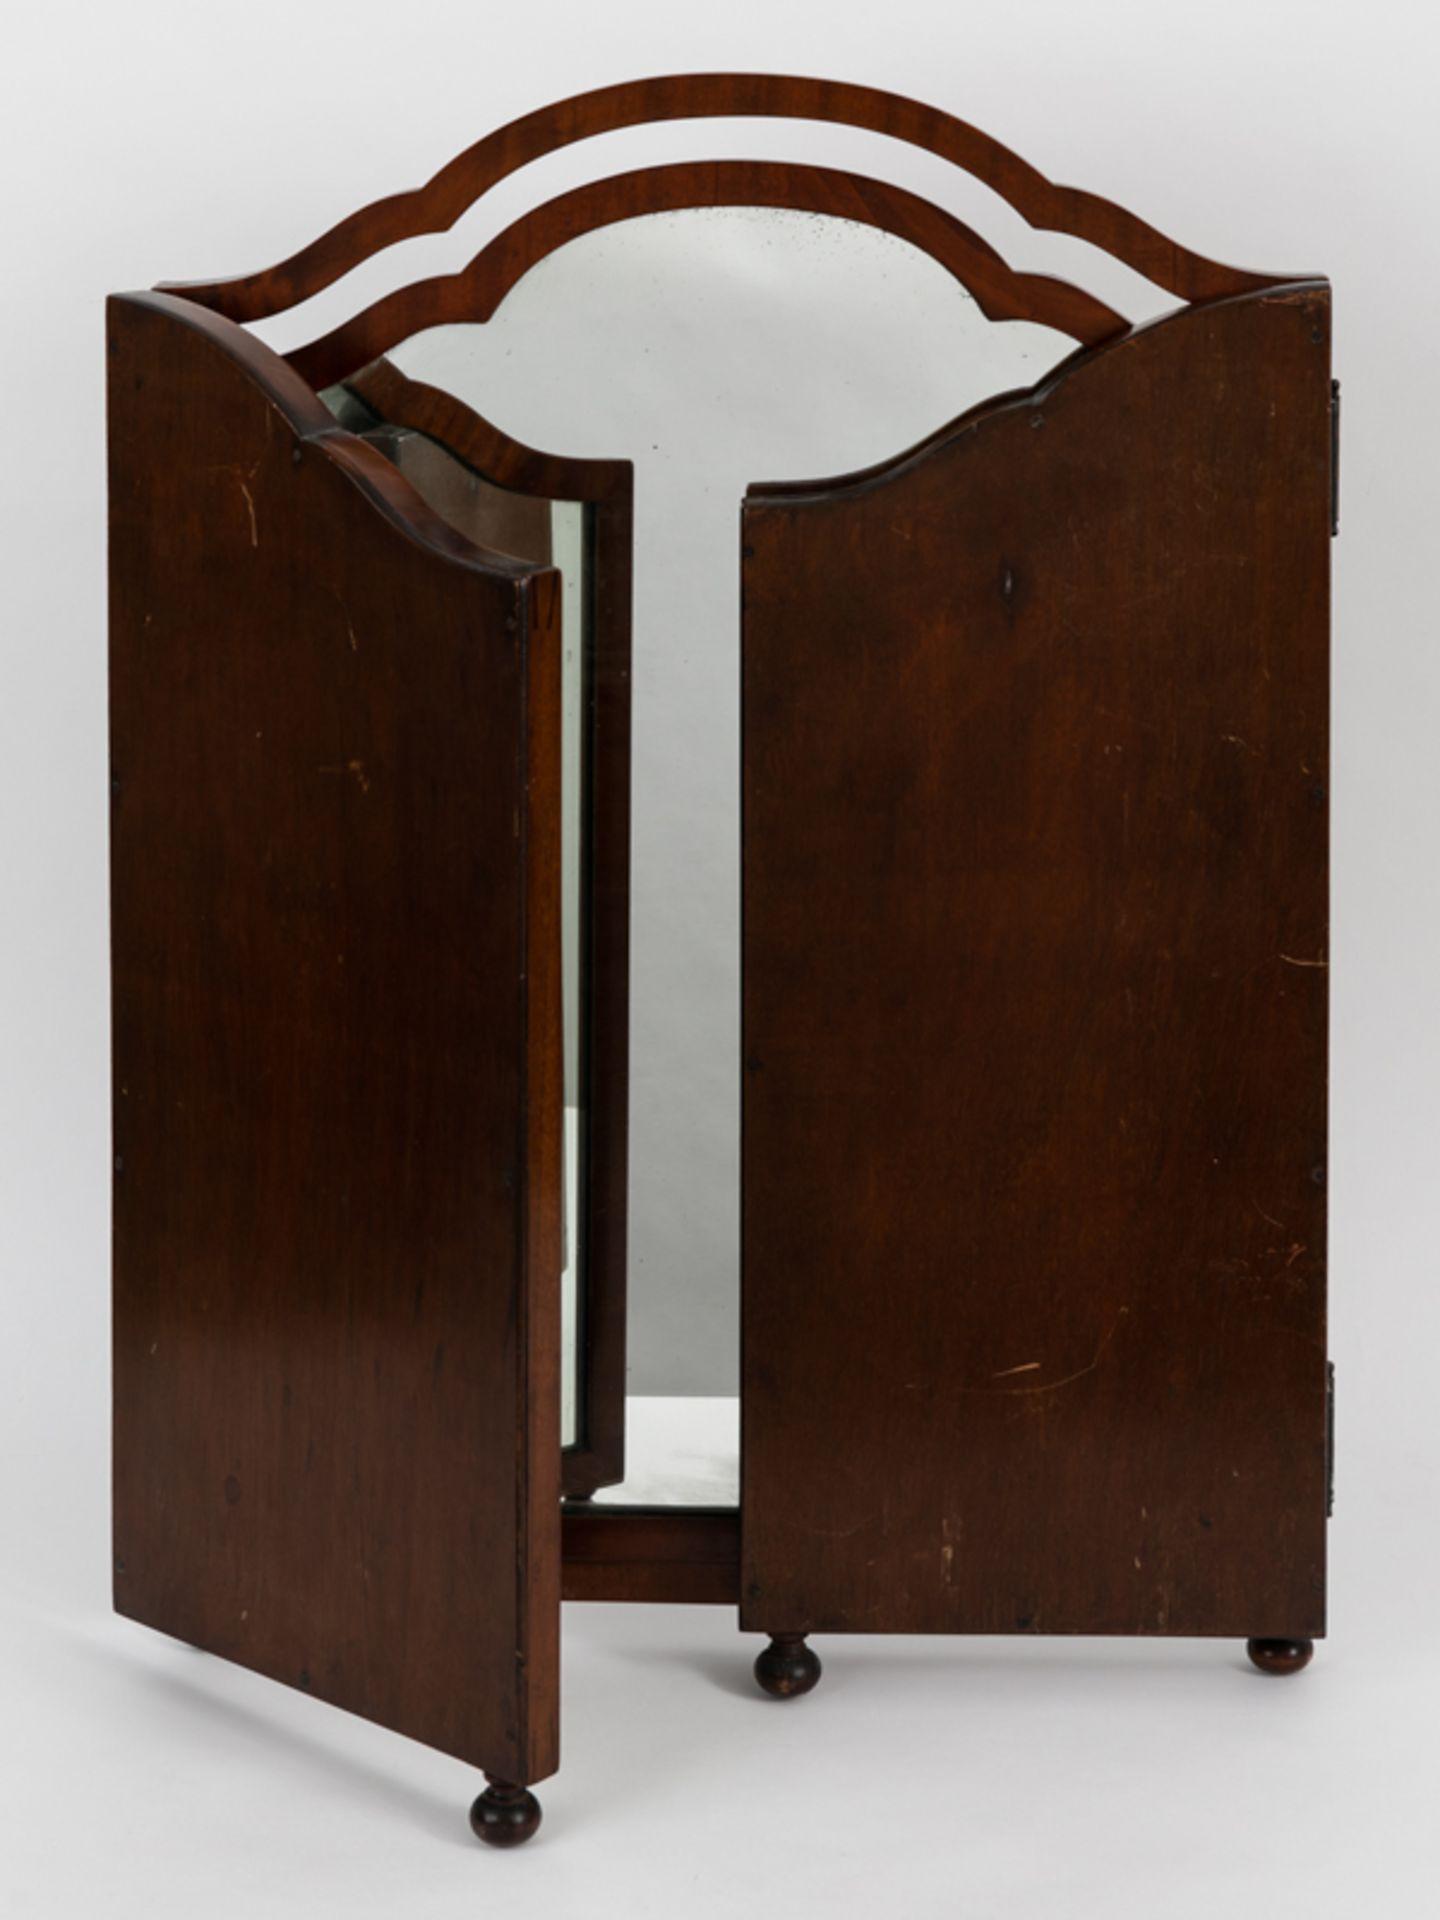 Kommodenklappspiegel, England (?), 20.Jh. Mahagoni. Dreiteilig. Auf vier kleinen gedrückten Ku - Bild 3 aus 4